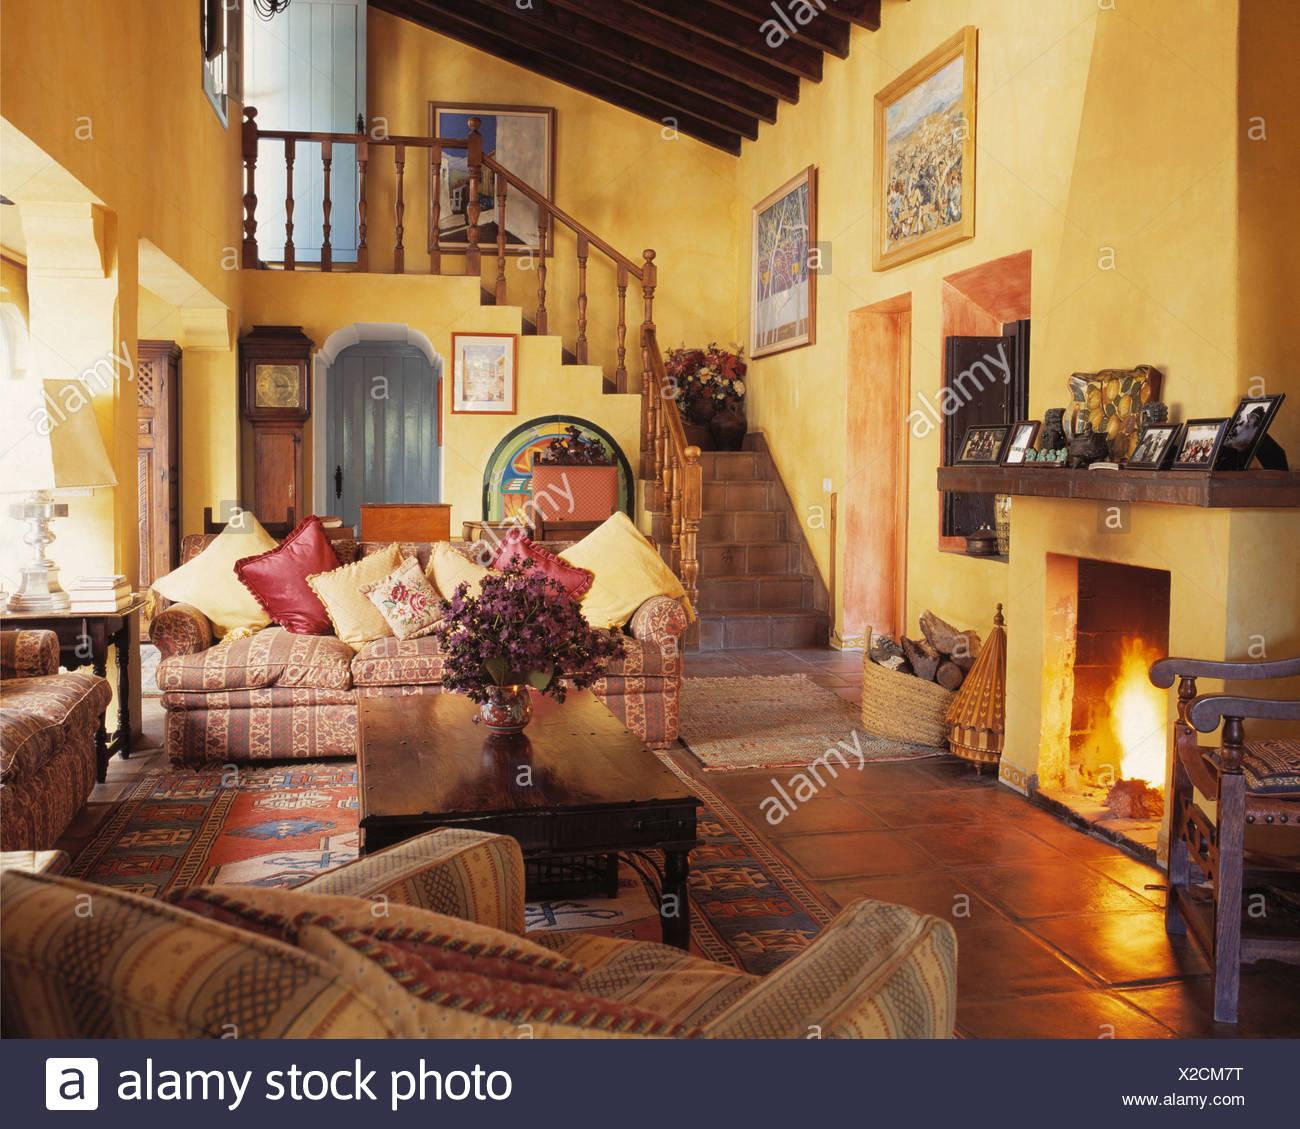 Comodi divani in giallo soggiorno con acceso il fuoco nel for Divani comodi